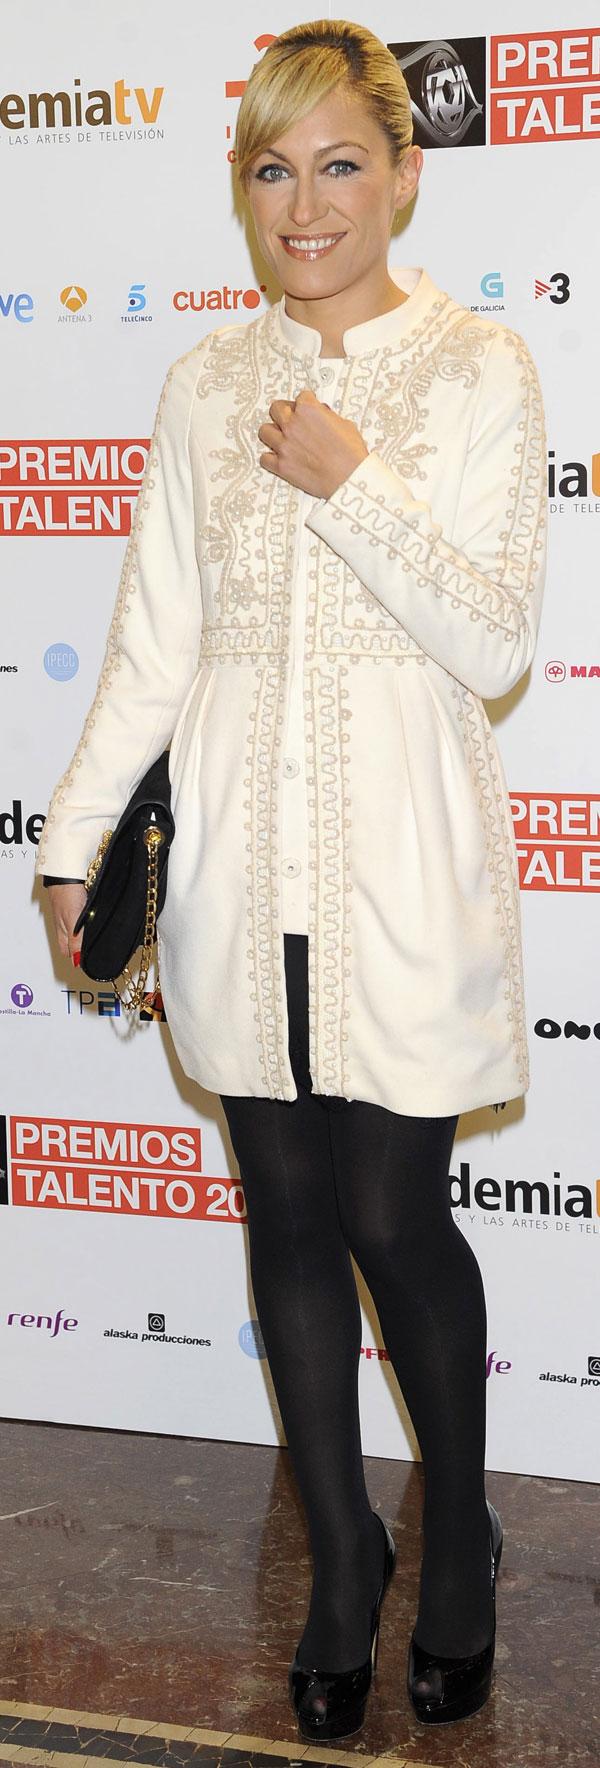 Premios-Talento-Lujan Arguelles